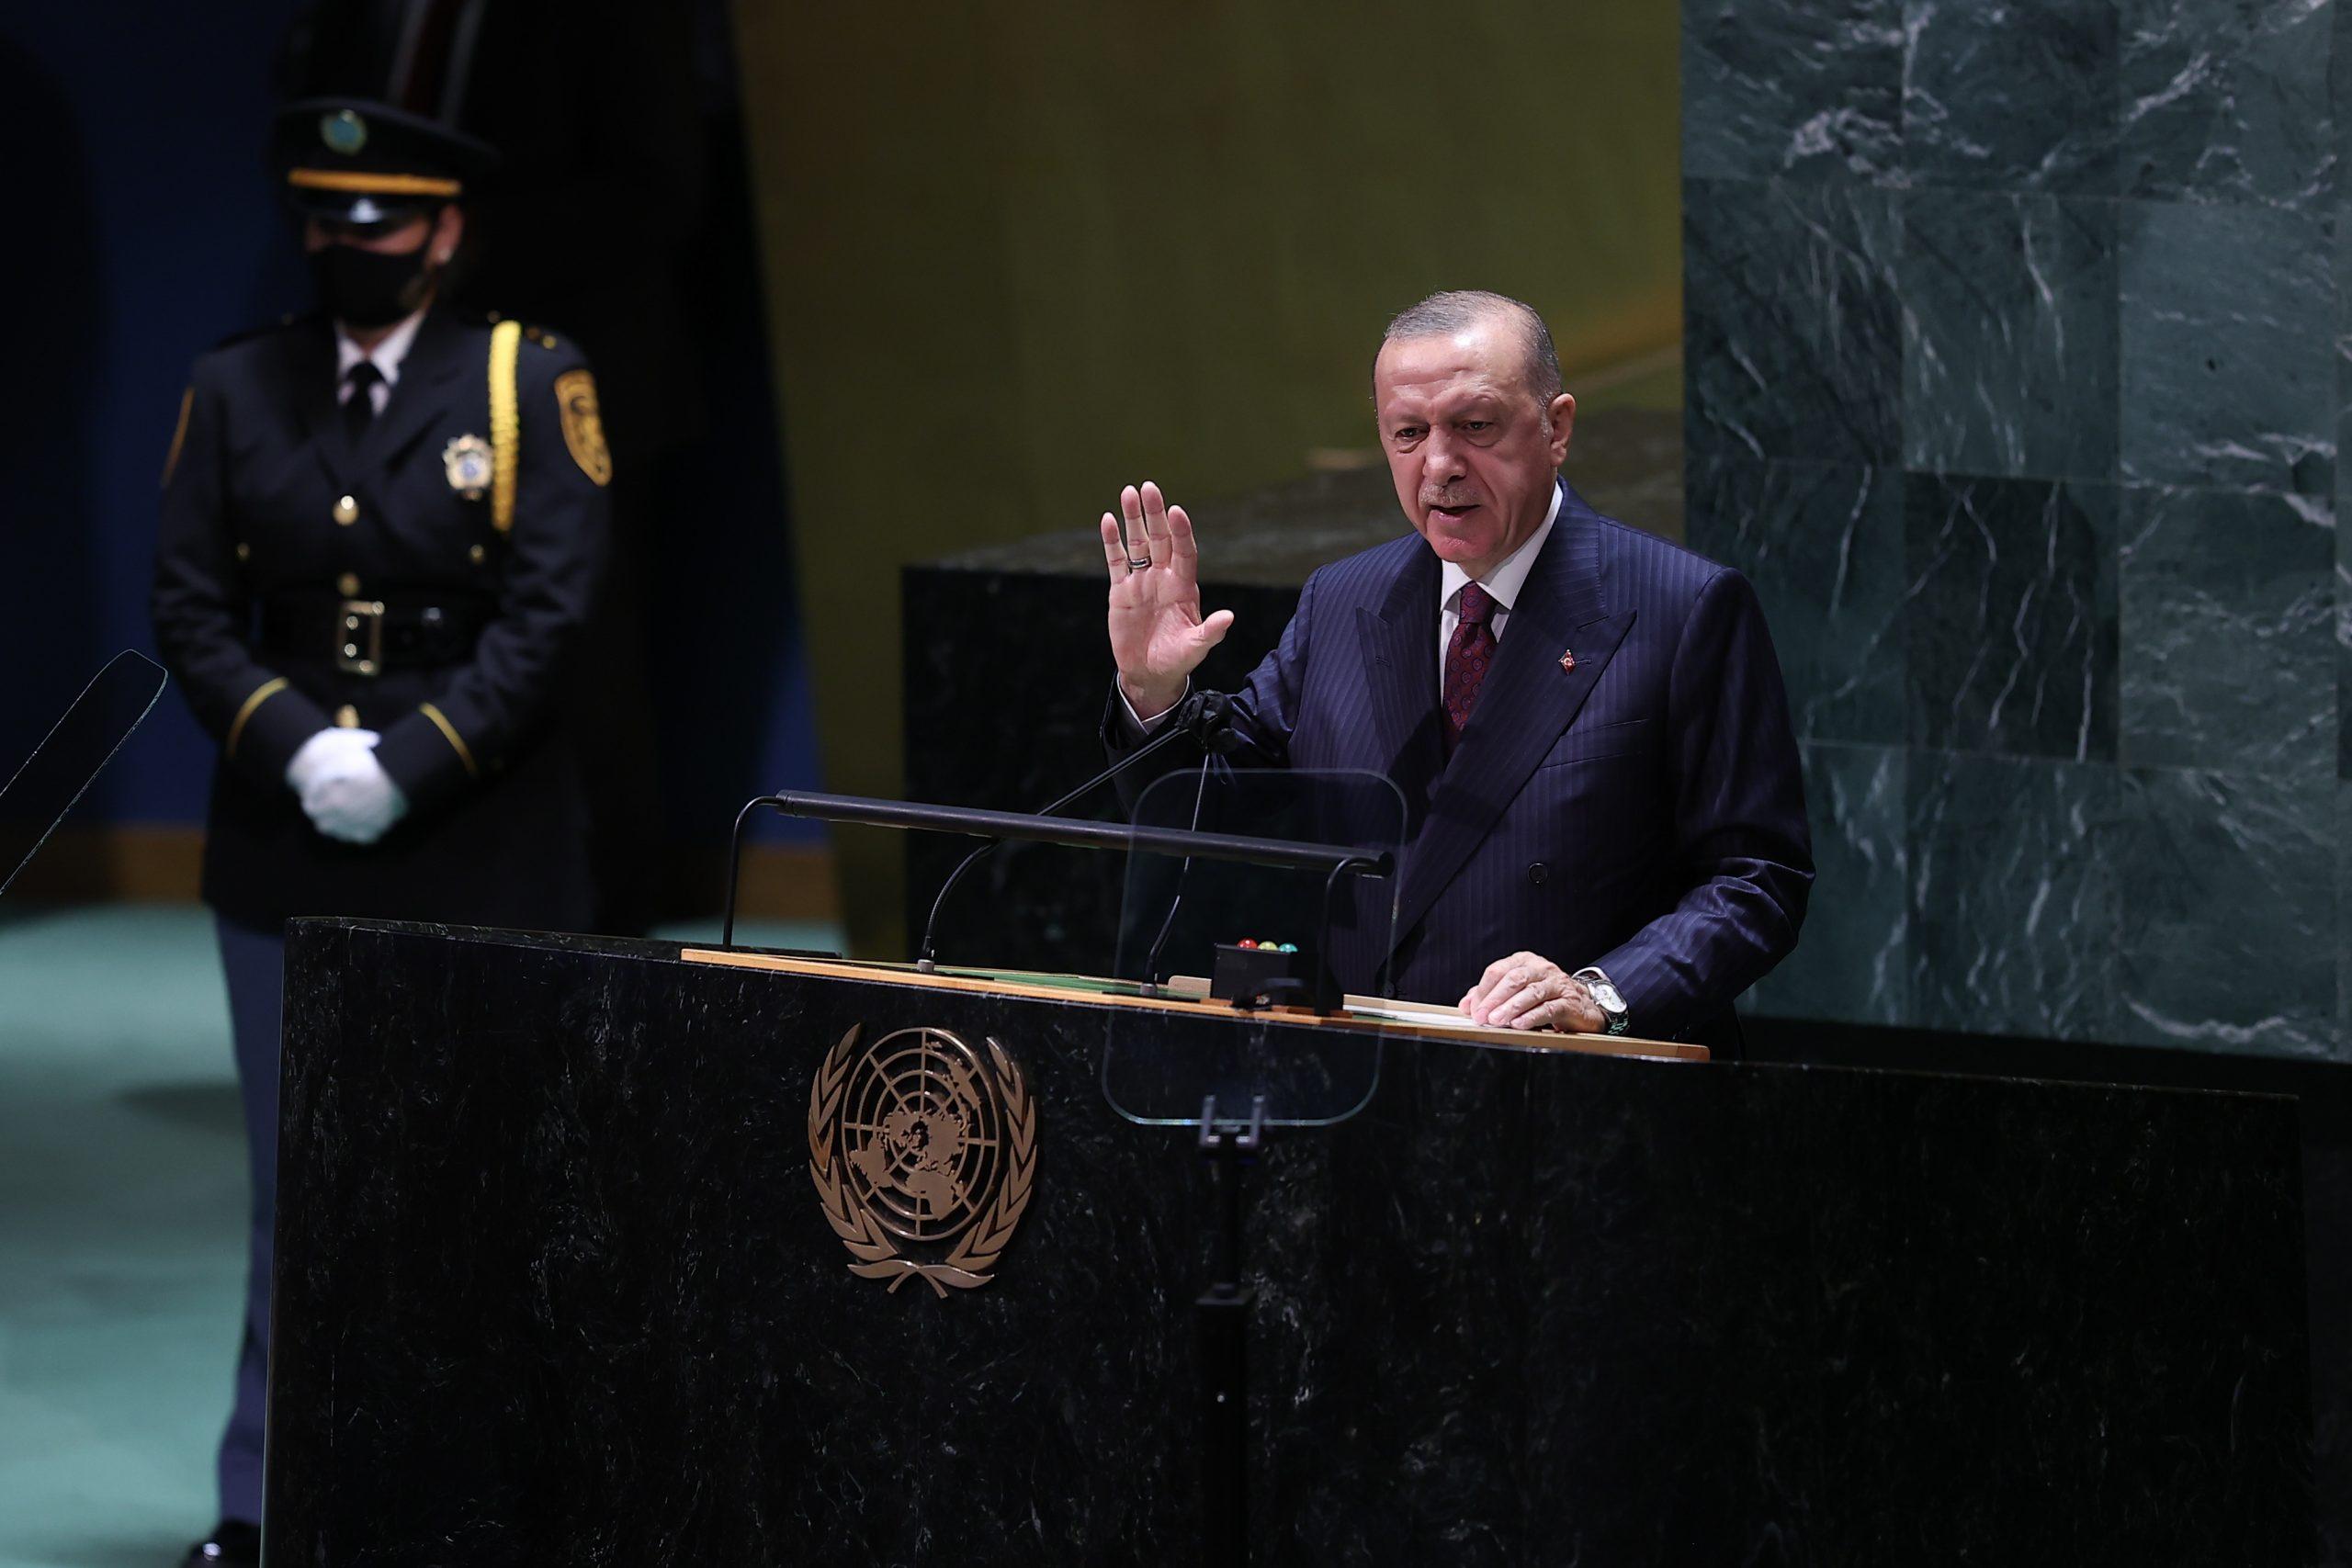 خطاب أردوغان في الأمم المتحدة: من الممكن إنشاء عالم أعدل